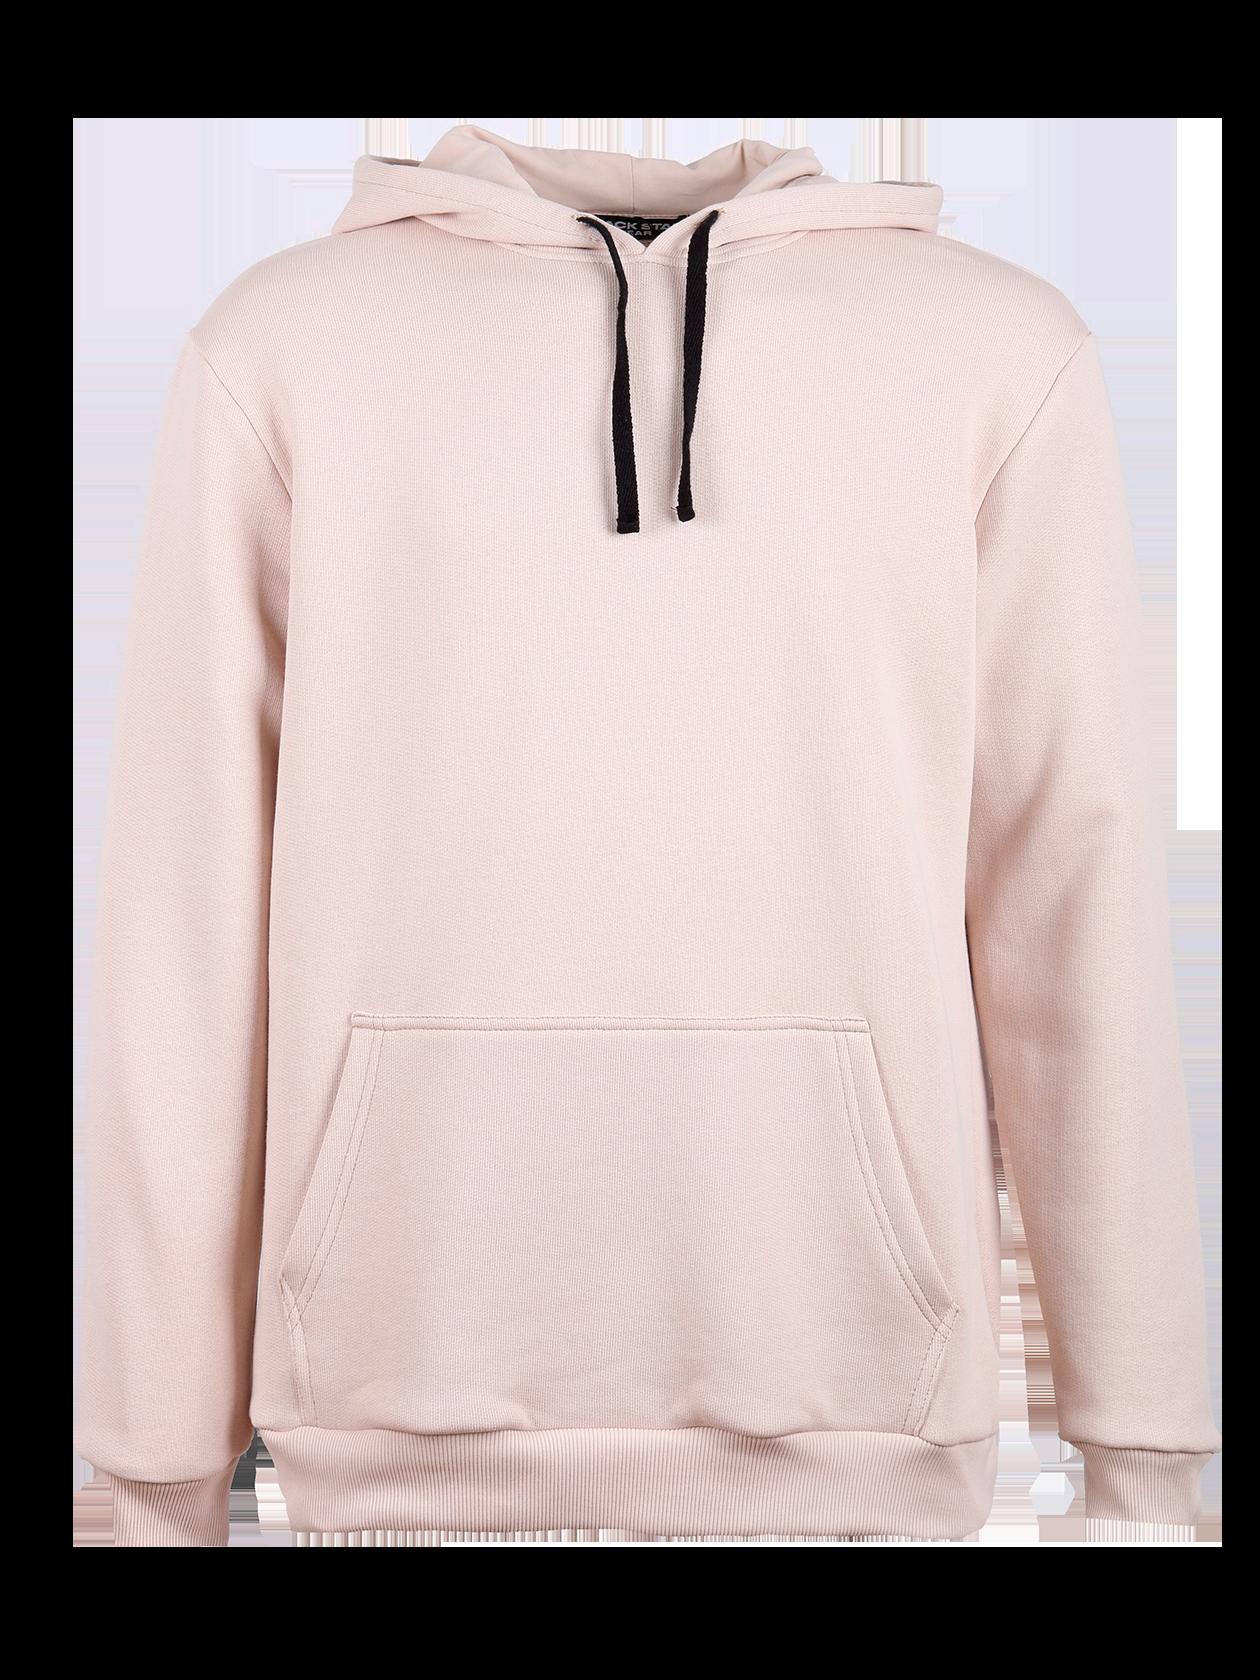 Mens sweatsuit BlackStar 13<br><br>size: S<br>color: Beige<br>gender: male